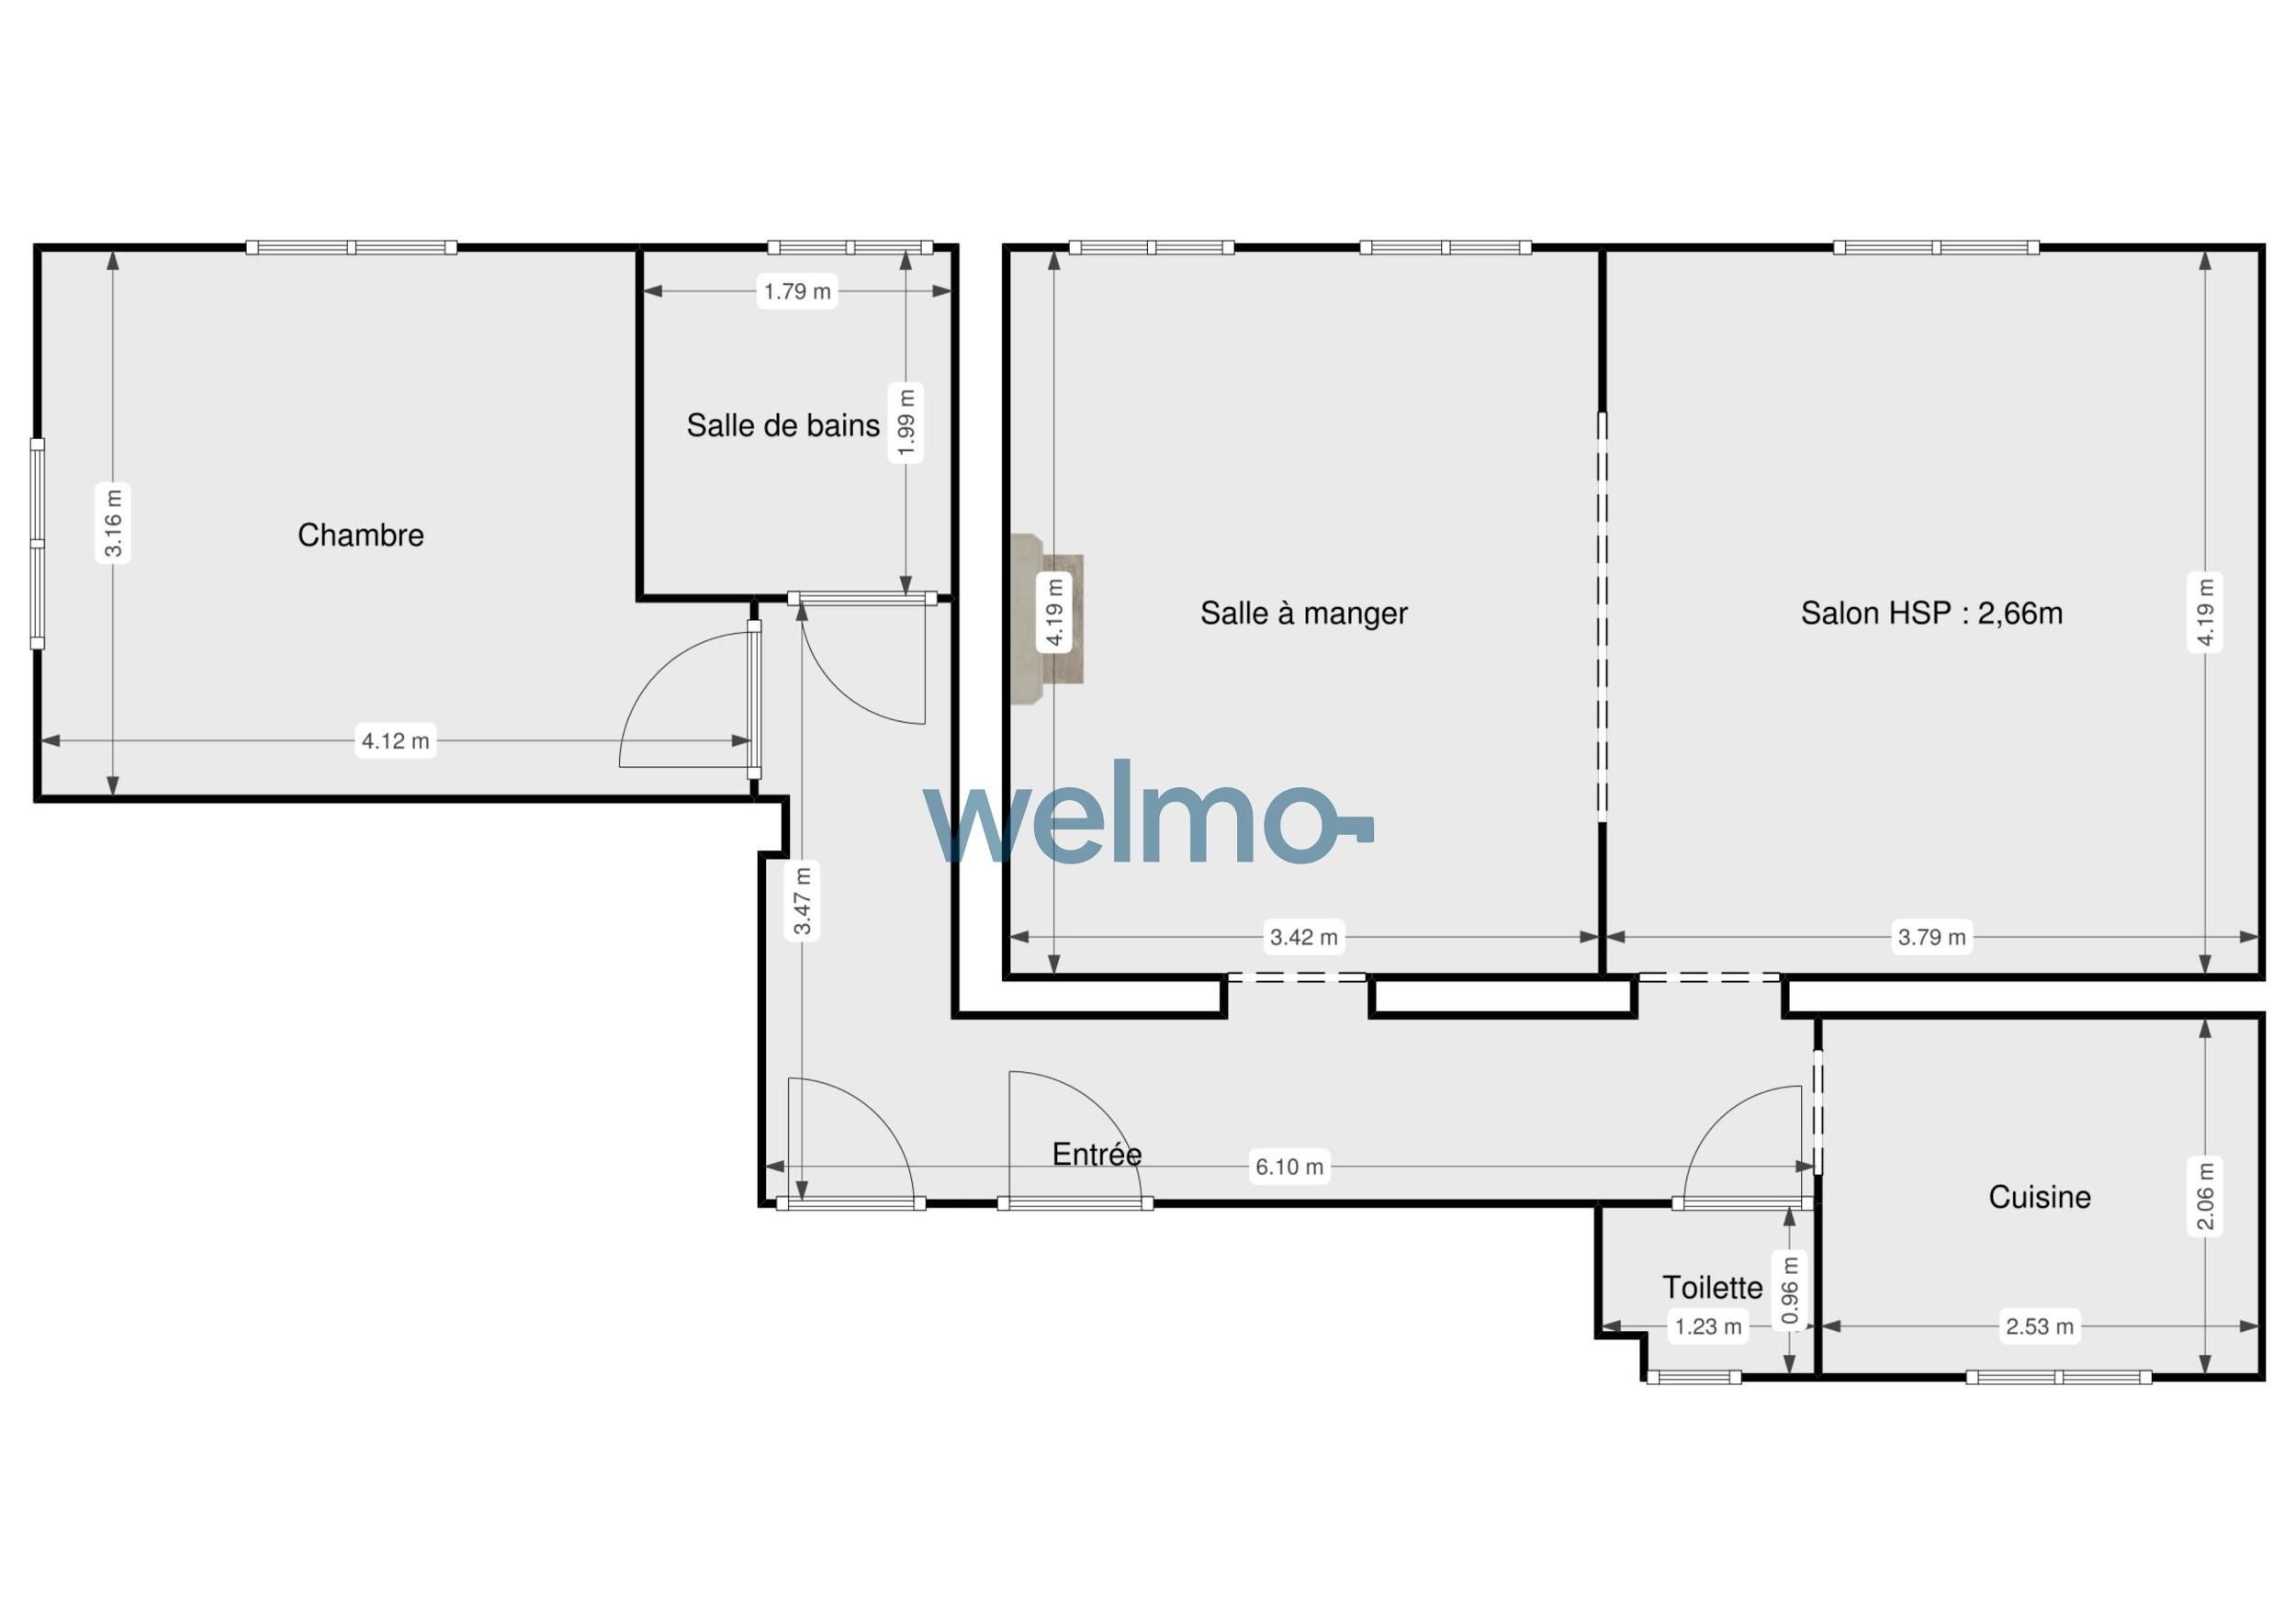 Welmo 4